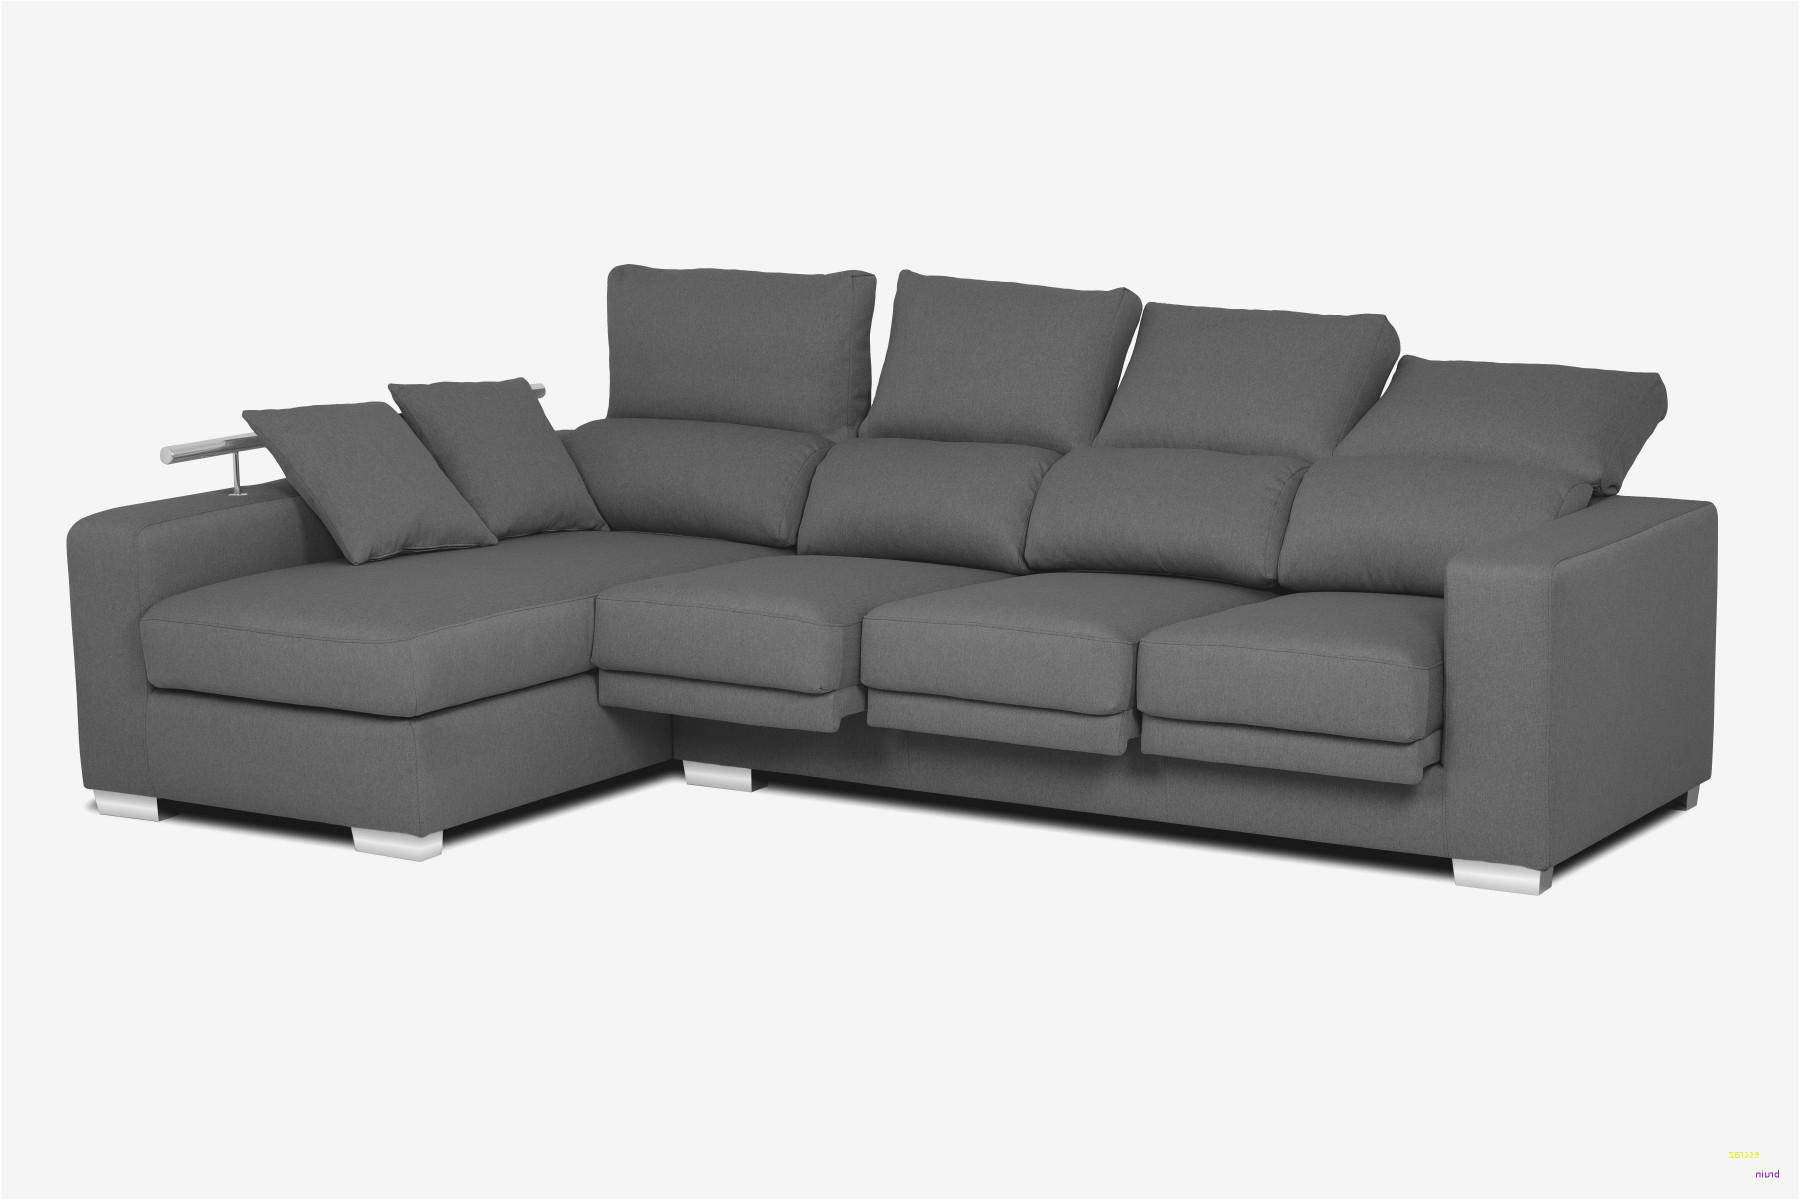 Conforama sofas Ofertas S5d8 38 Lujo Conforama Ofertas De sofas Decoracià N